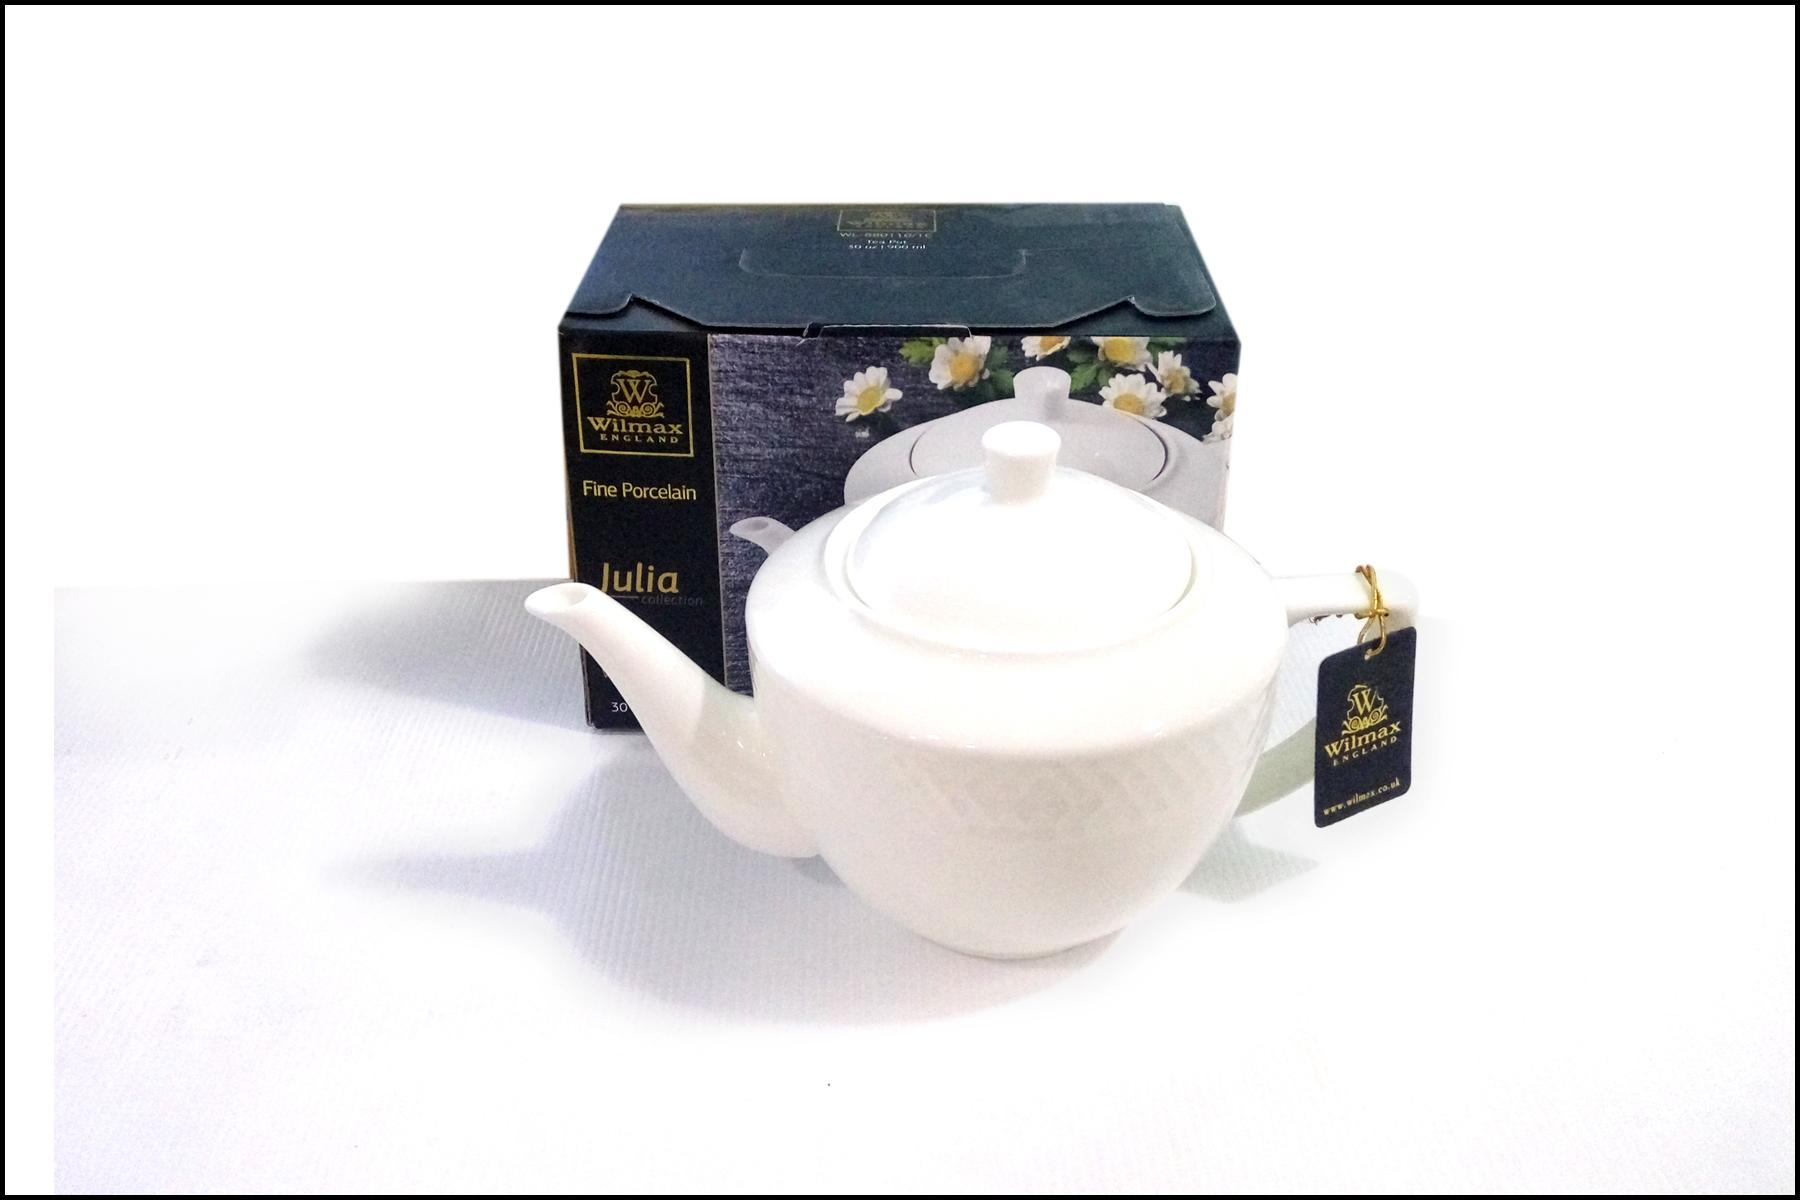 Wilmax Tea Pot